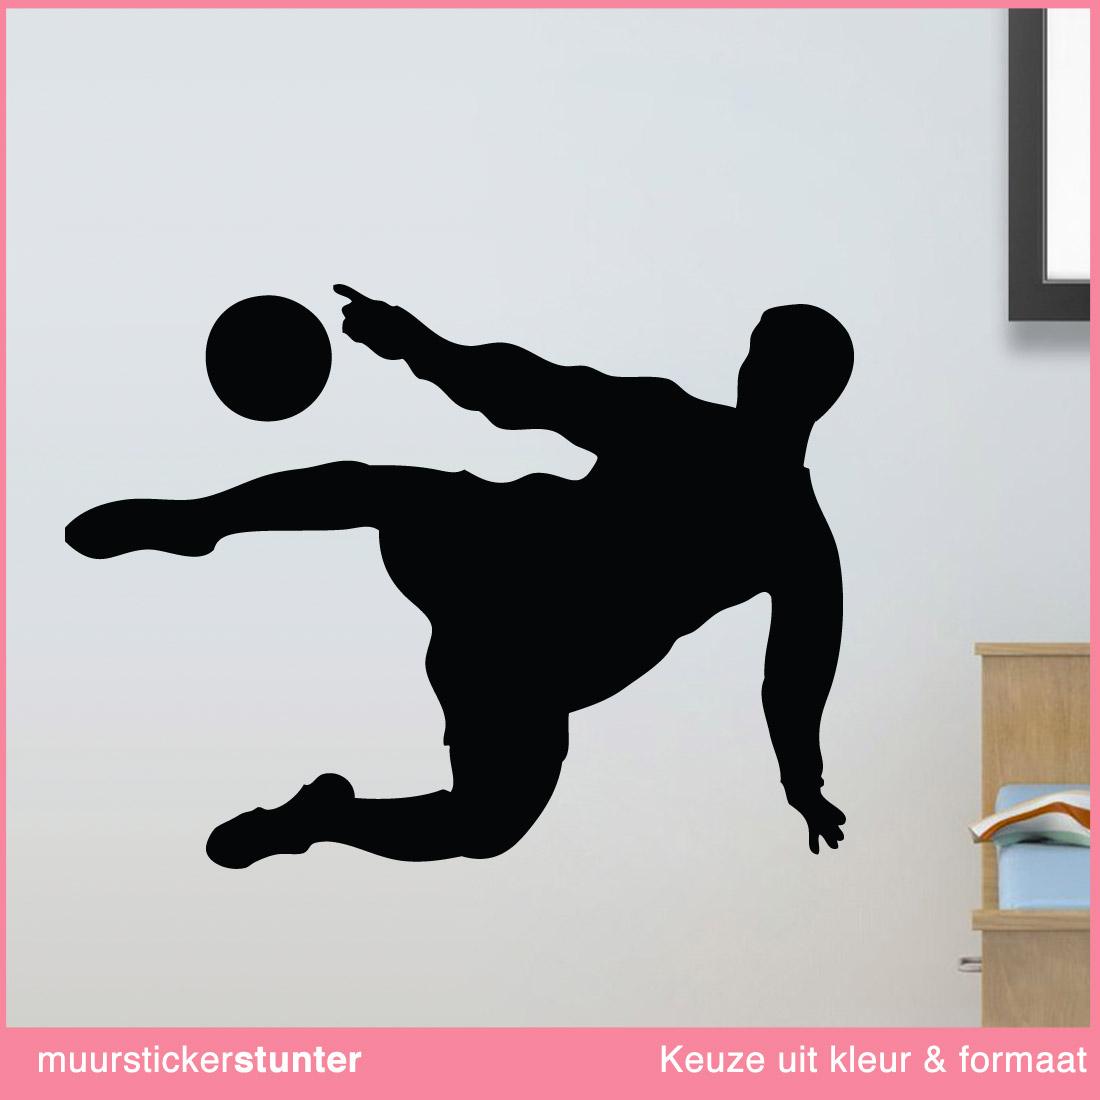 Leuke ideeën voor een stoere voetbalkamer   muurstickerstunter ...